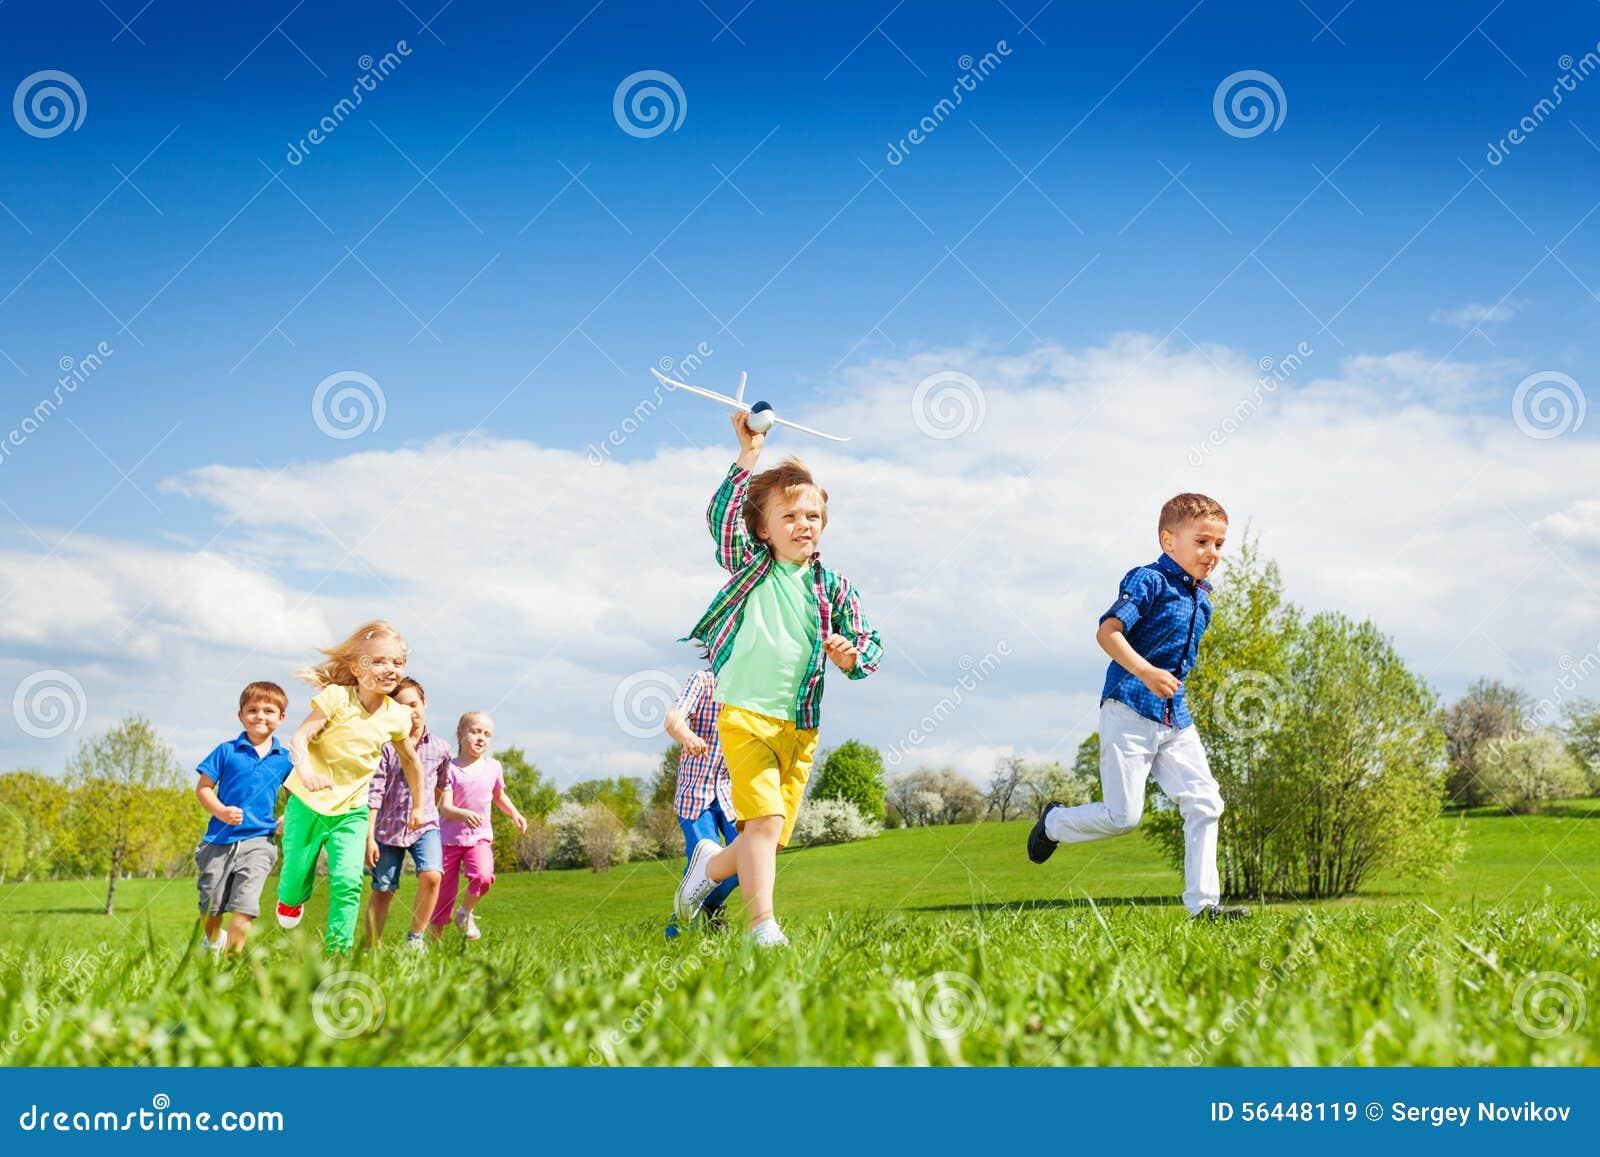 Τρέχοντας αγόρι με το παιχνίδι αεροπλάνων και άλλα παιδιά